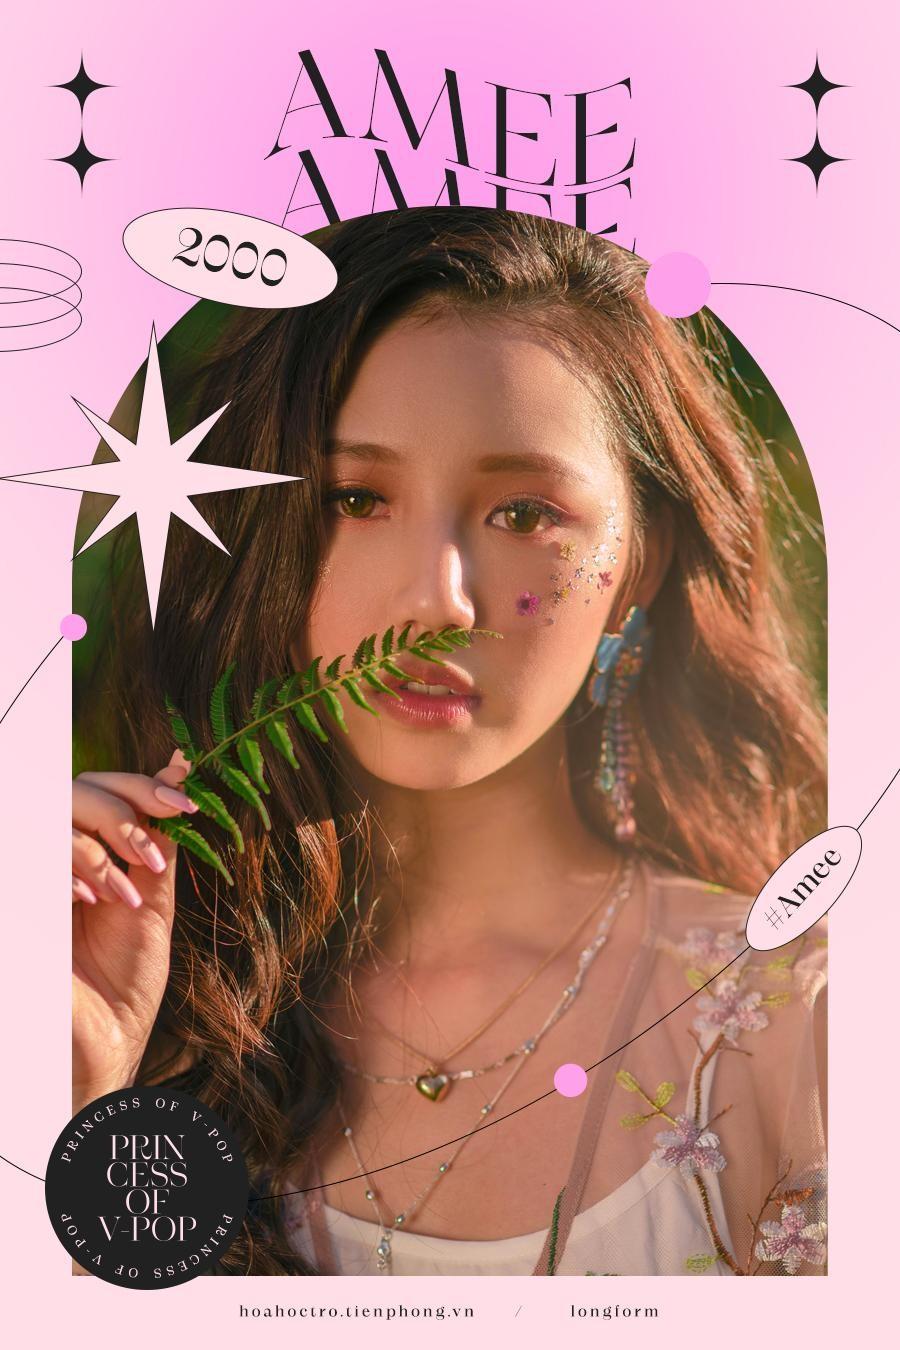 """Đặt ngôi sao hi vọng vào 3 nàng """"công chúa mới"""" của V-Pop: Amee, Hoàng Duyên, Juky San  ảnh 2"""